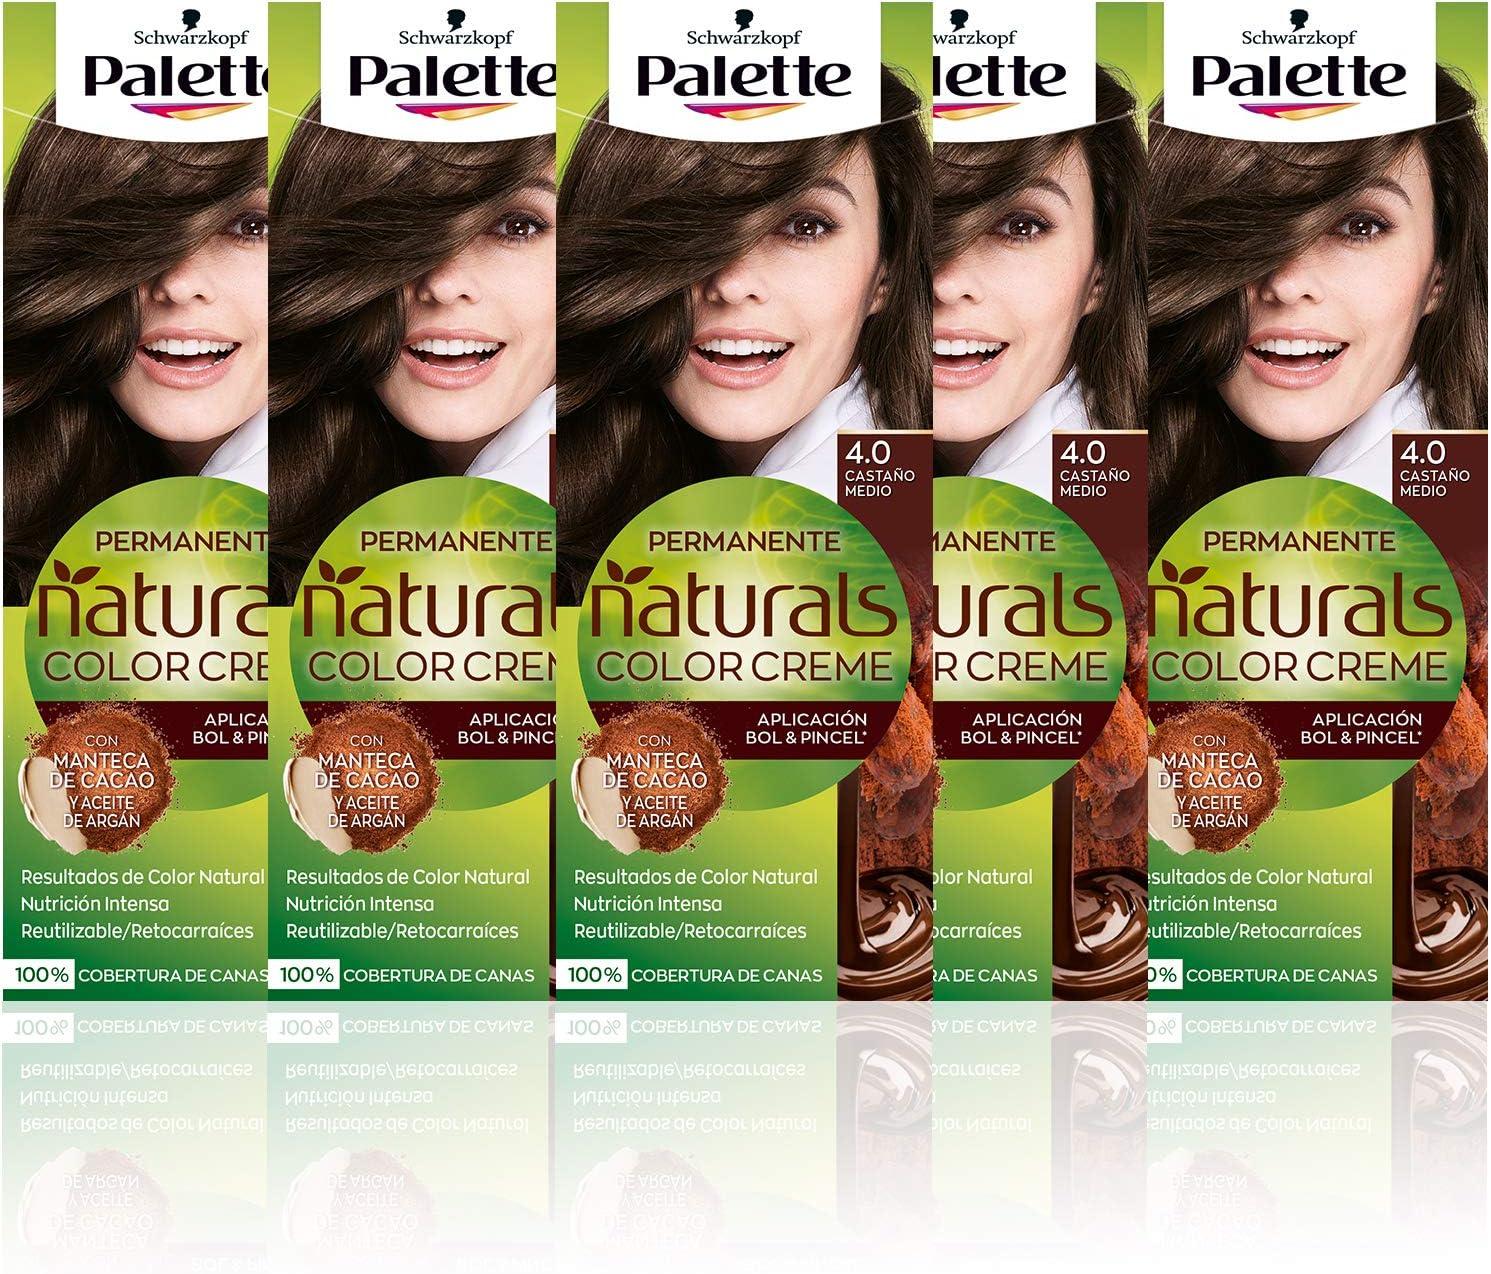 Schwarzkopf Palette Naturals Color Creme - Tono 4 cabello Castaño Medio (Pack de 5) - Coloración Permanente – Perfecta cobertura de canas – Colores ...